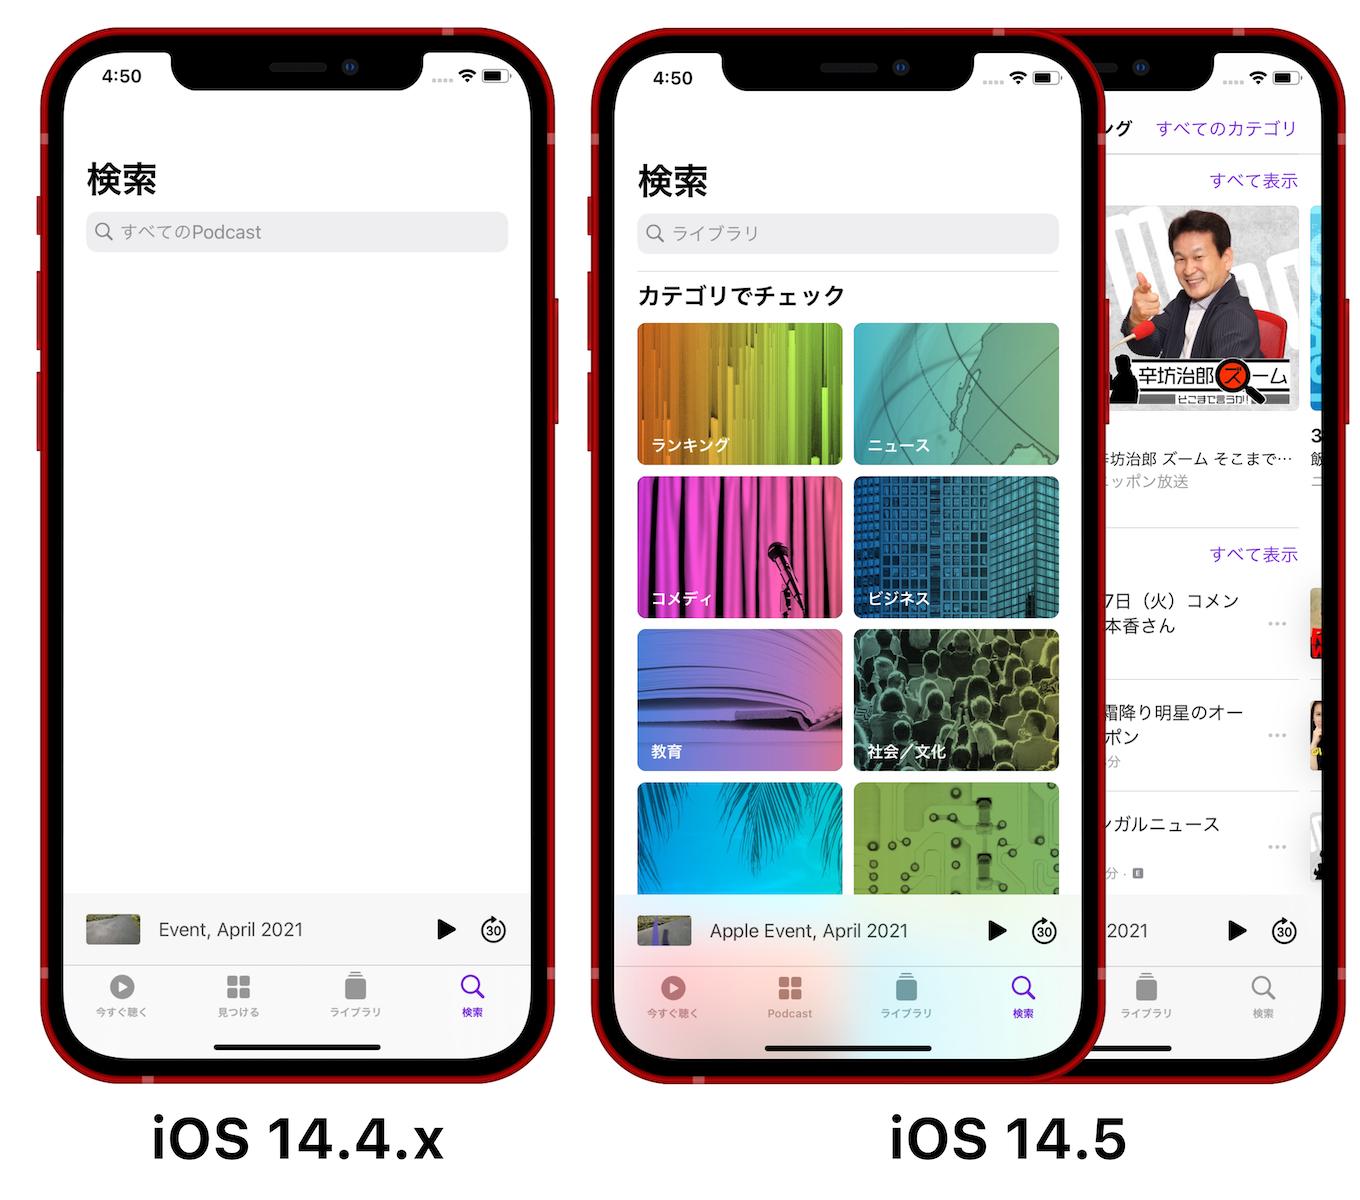 iOS 14.5の検索機能